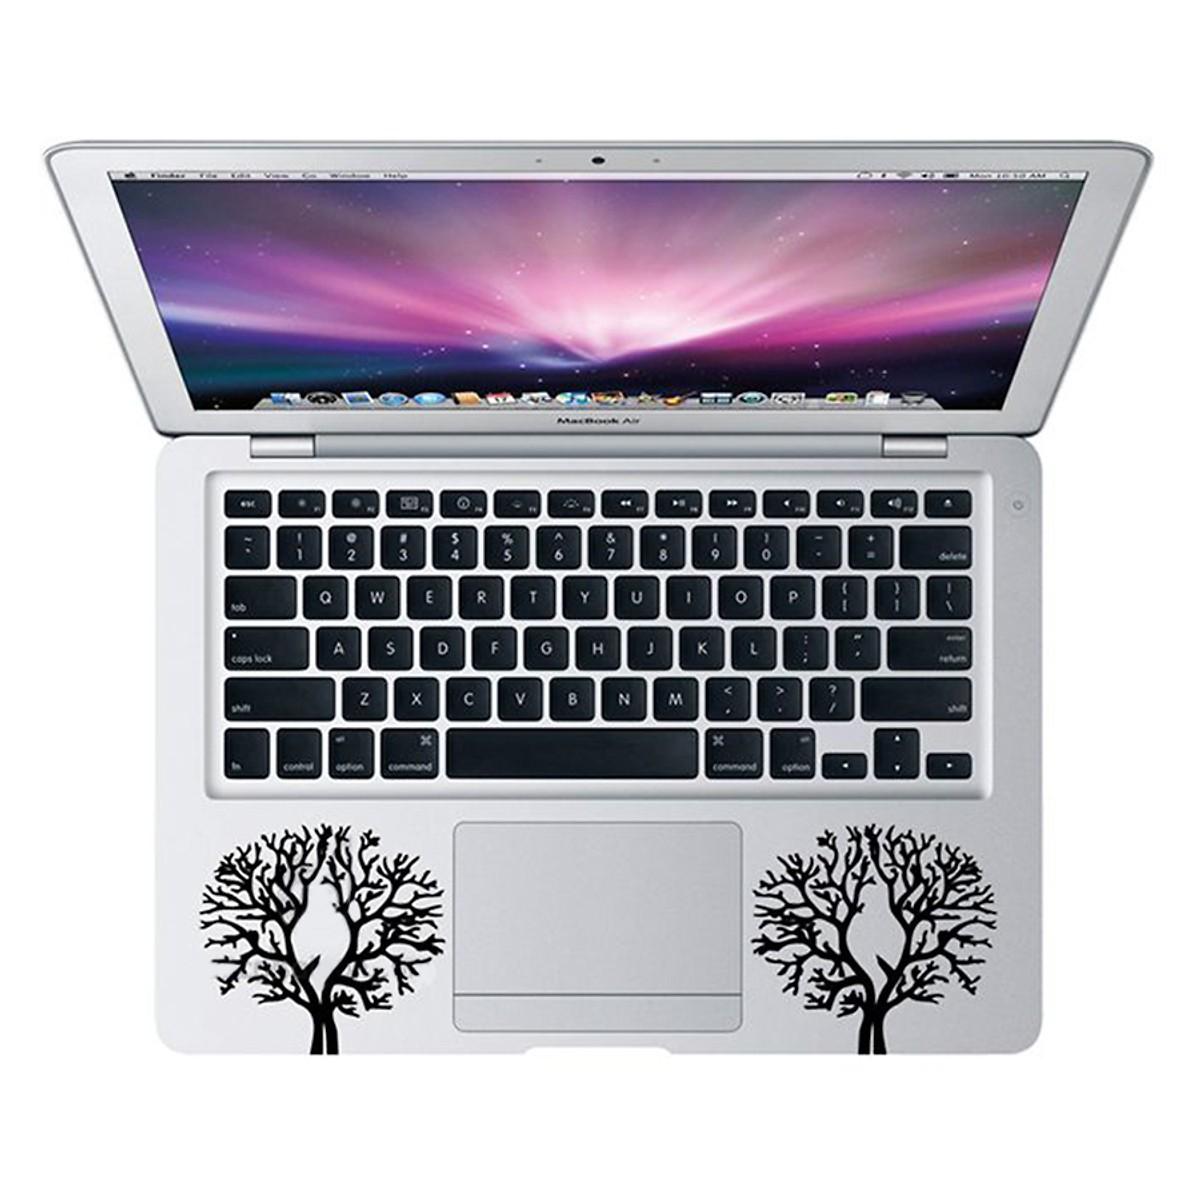 Mẫu Dán Decal Macbook - Nghệ Thuật Mac 18 cỡ 13 inch